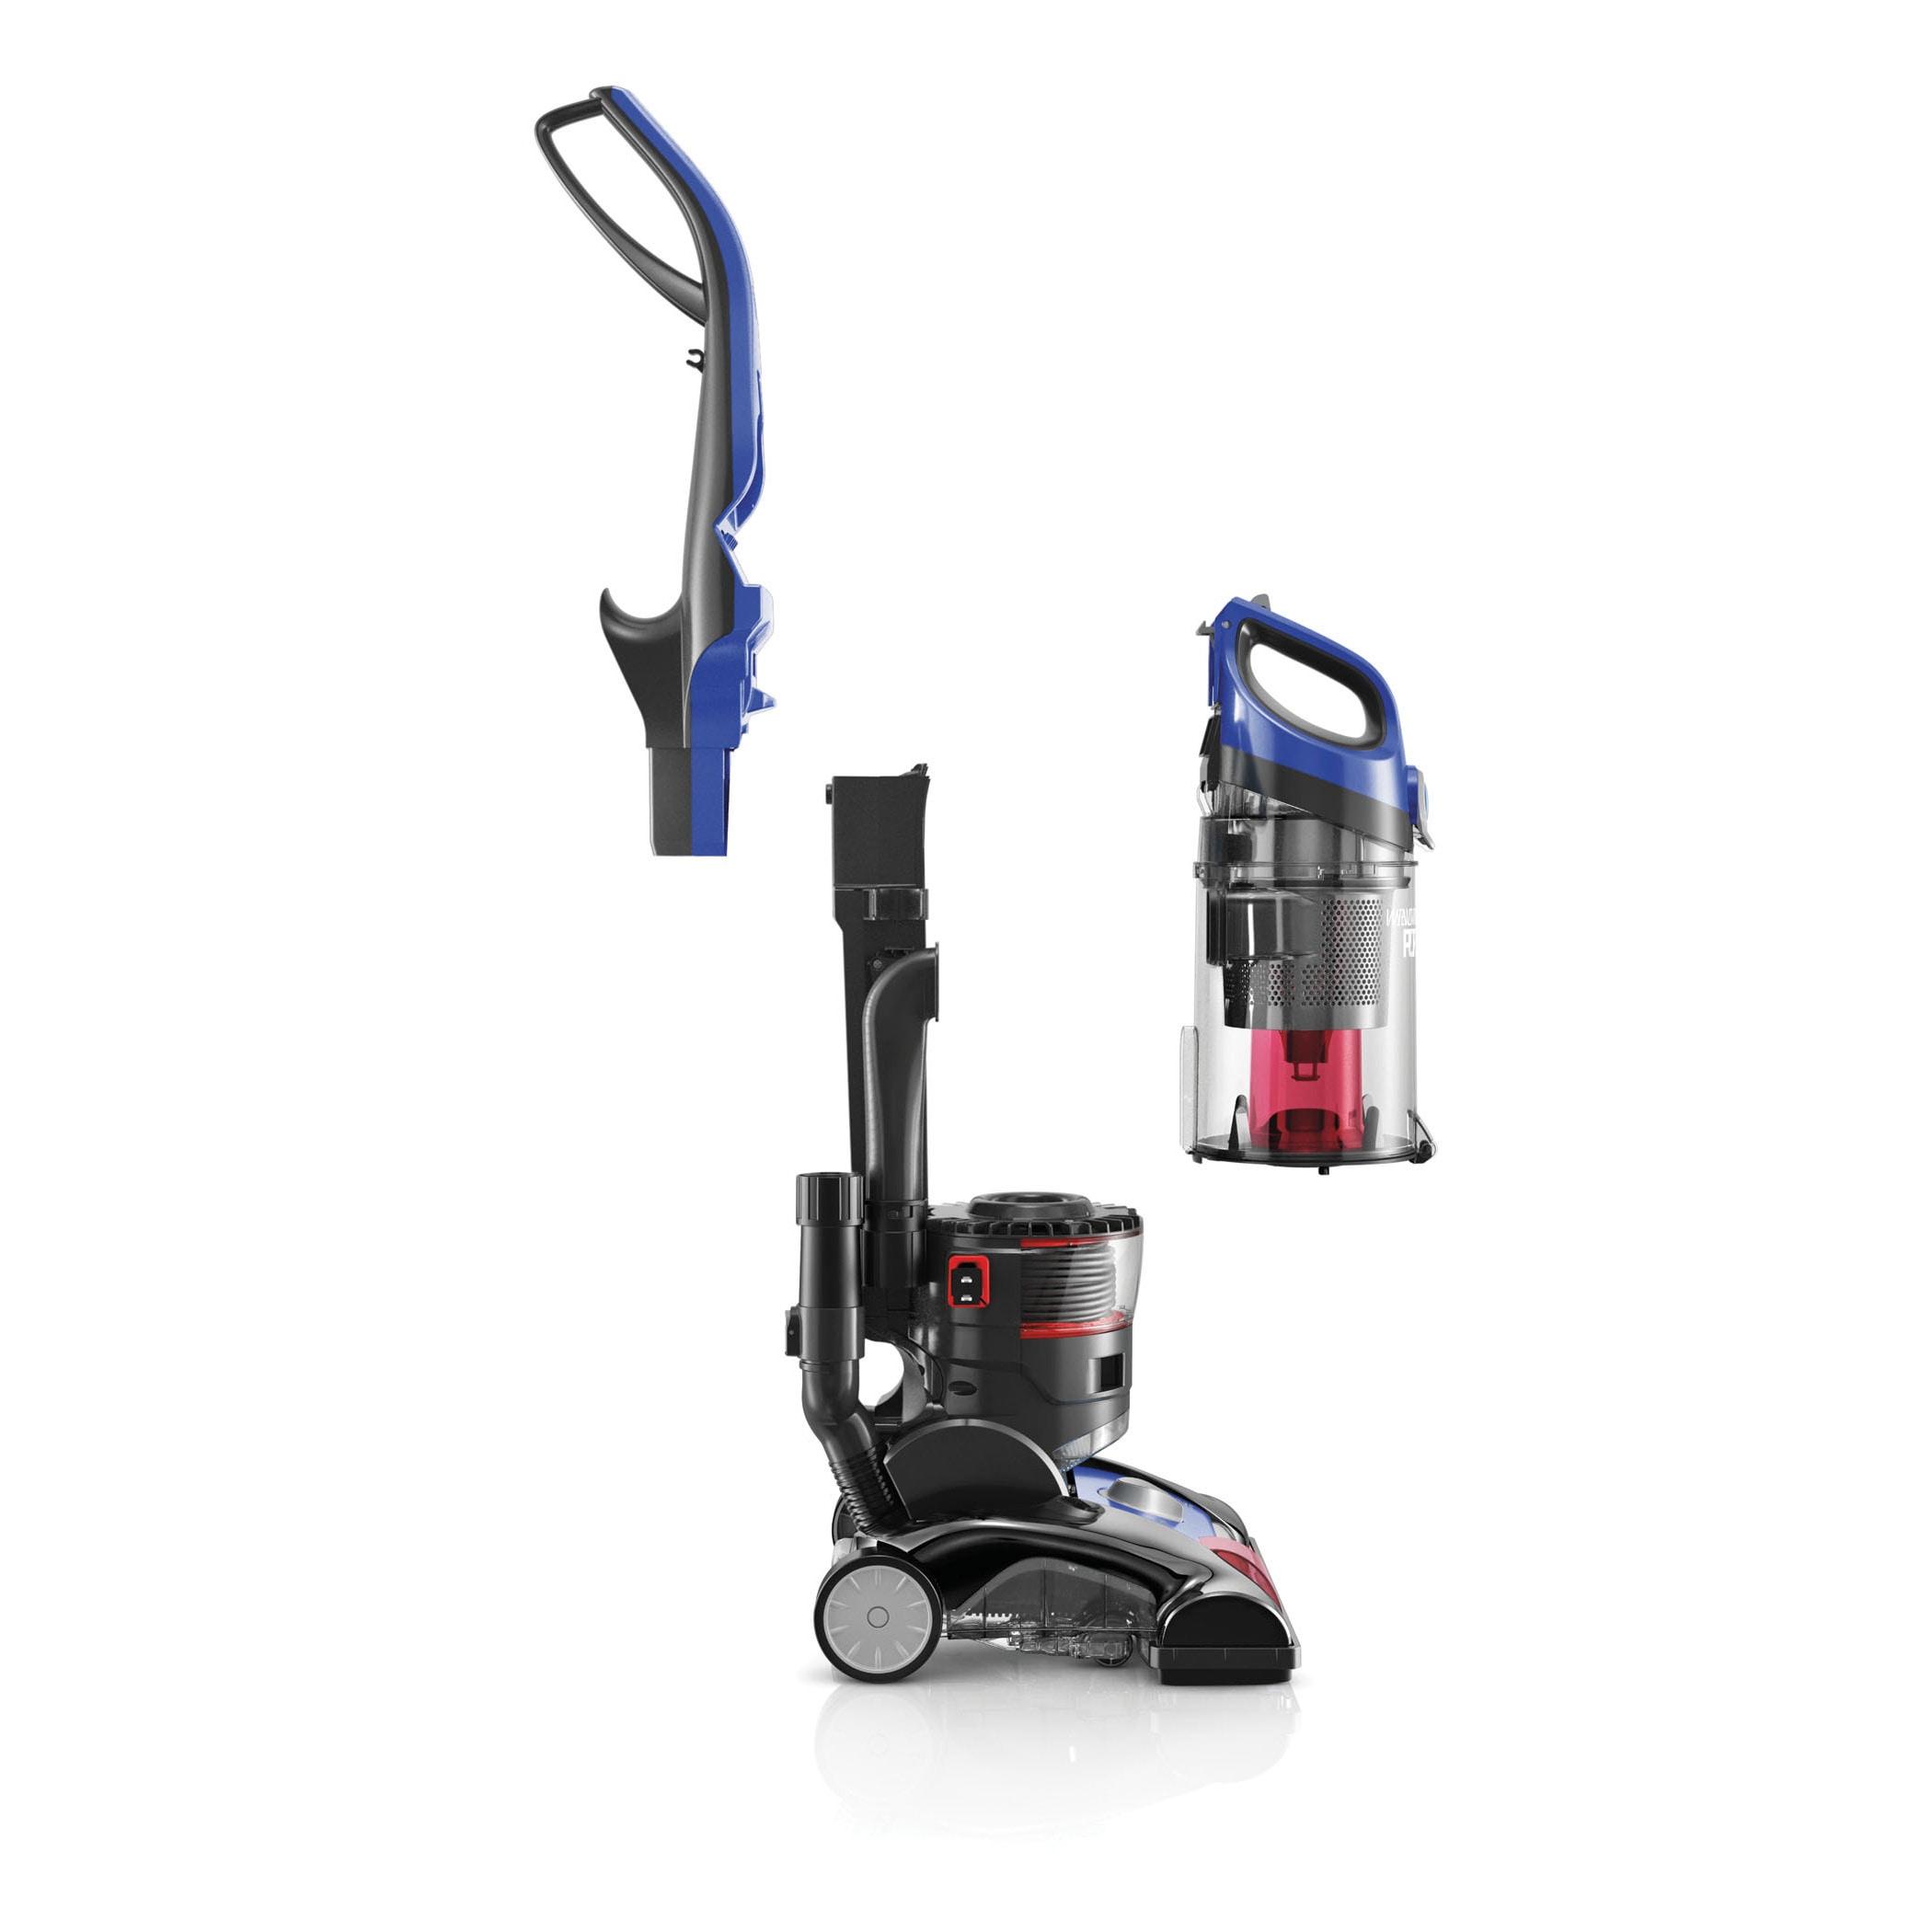 Hoover UH70905 WindTunnel 3 Bagless Upright Cobalt Blue Vacuum